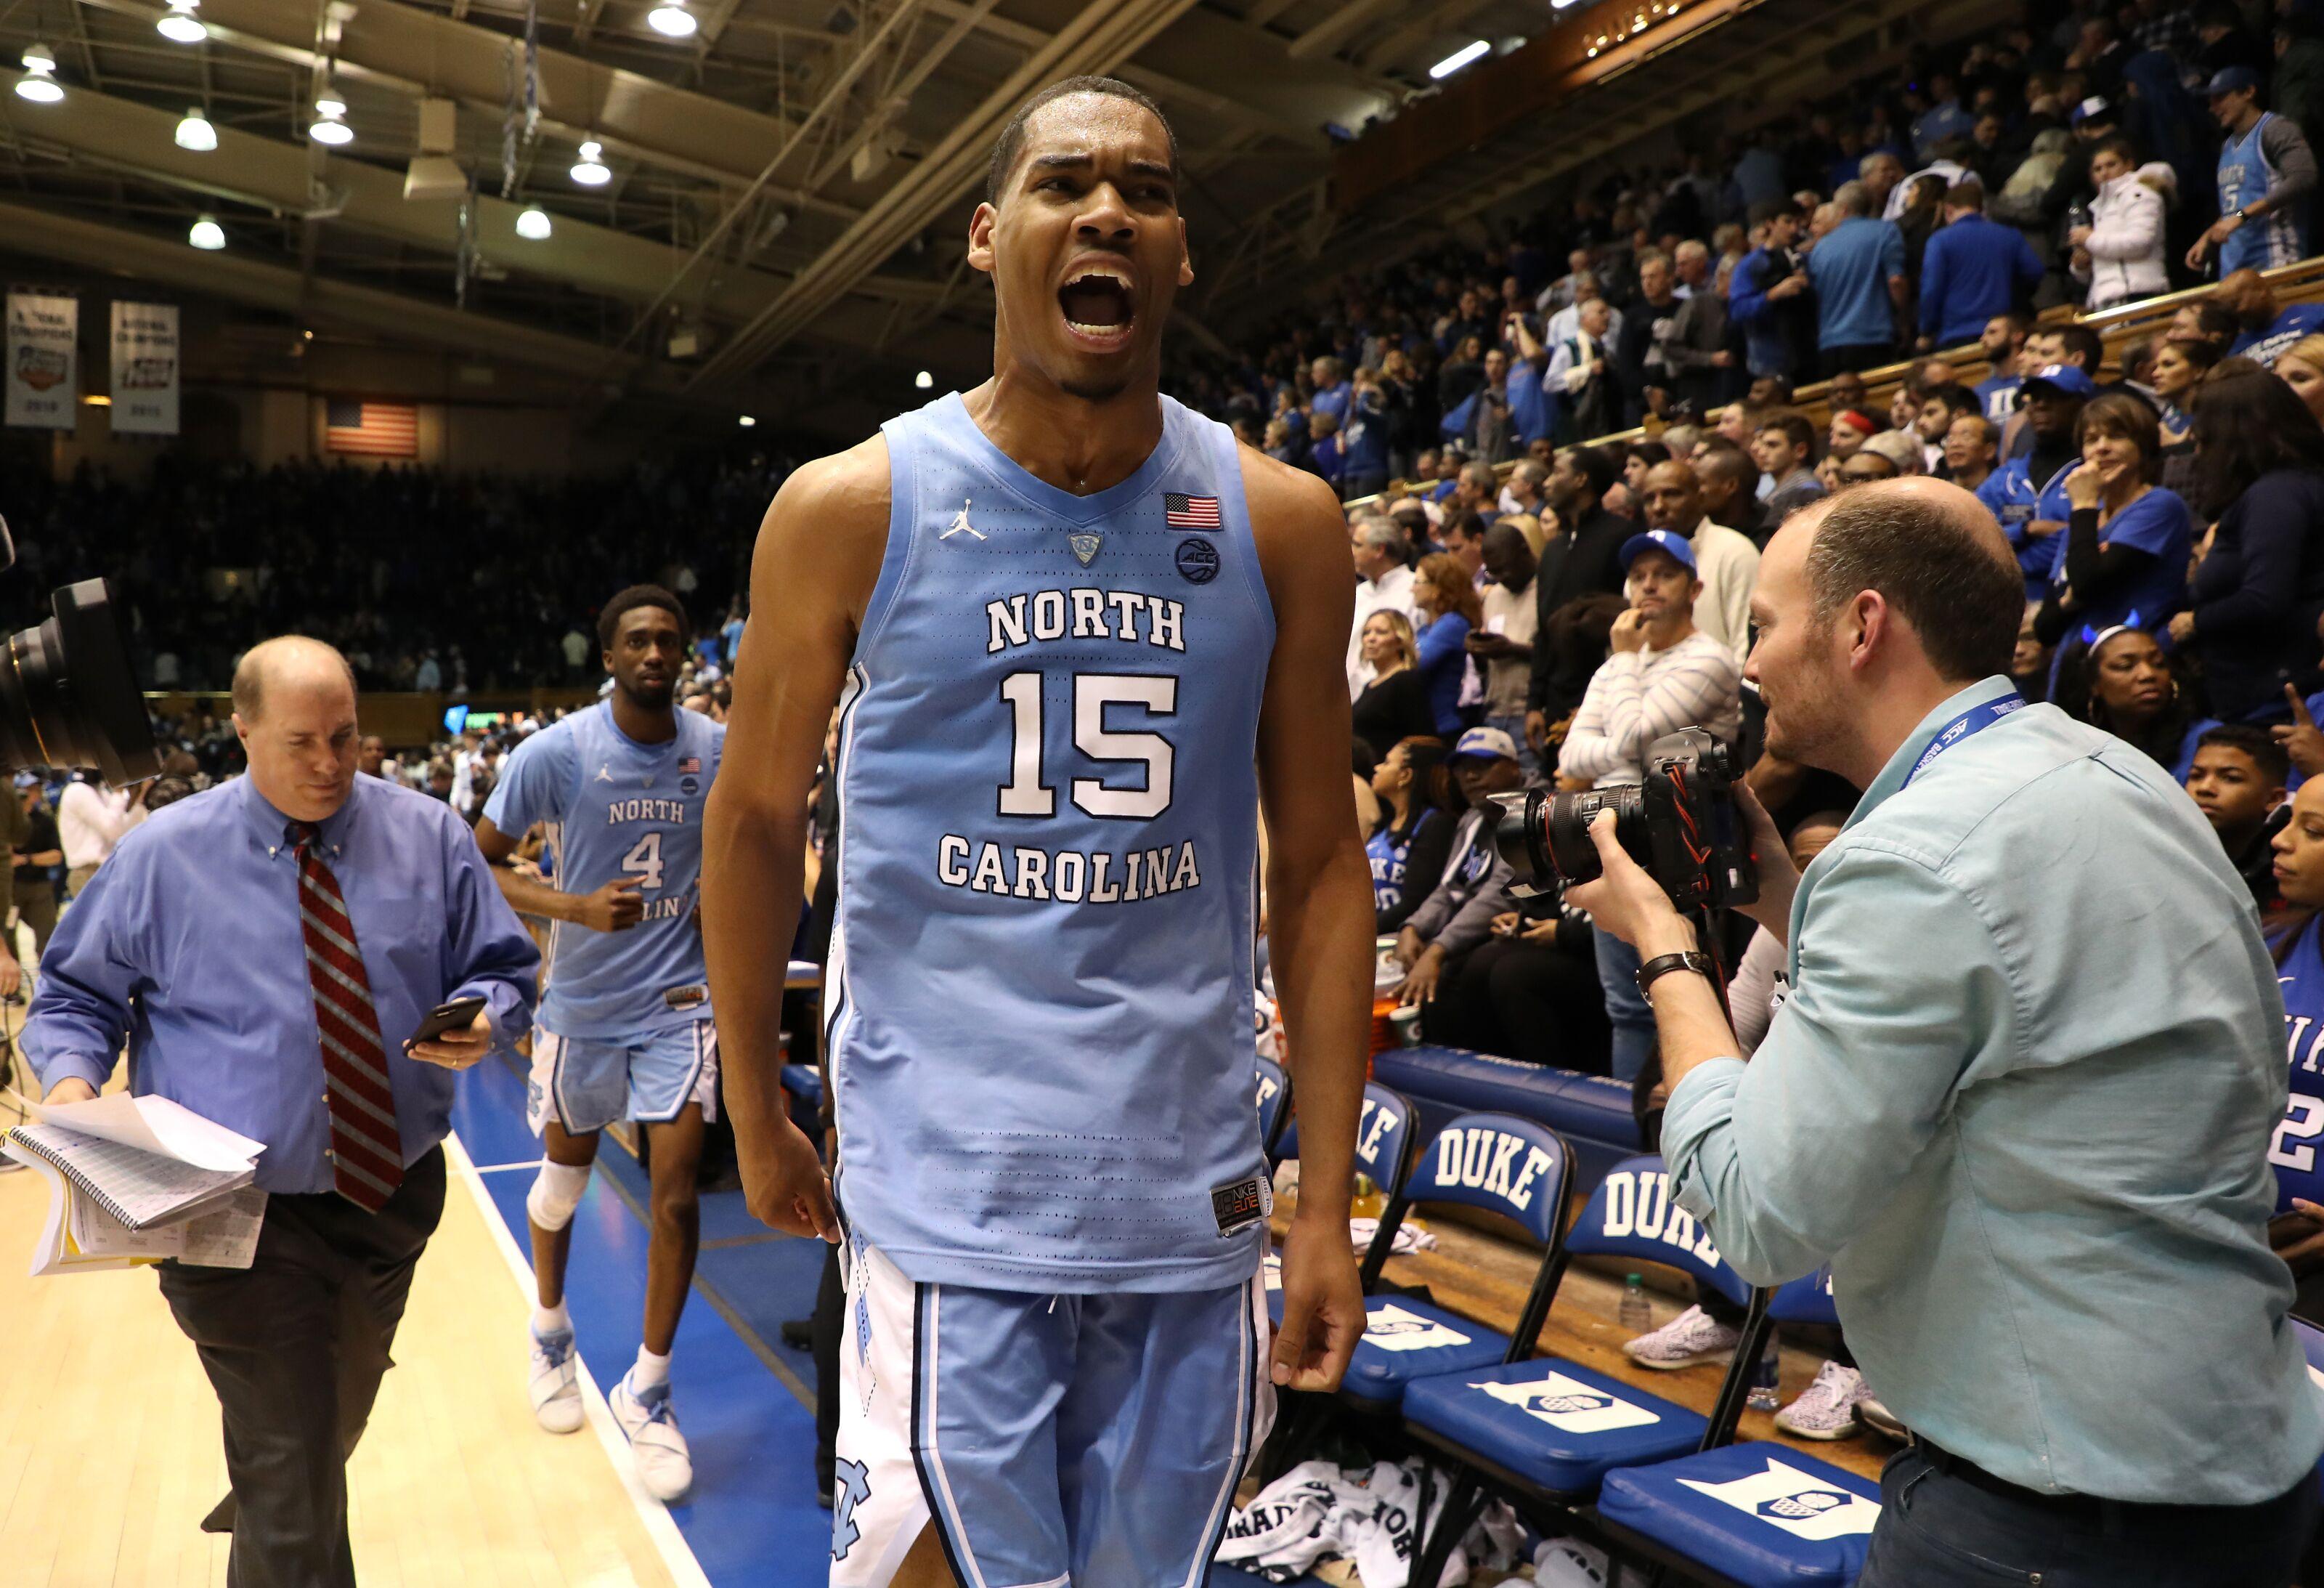 UNC Basketball: Luke Maye, Tar Heels roll past Blue Devils in Durham